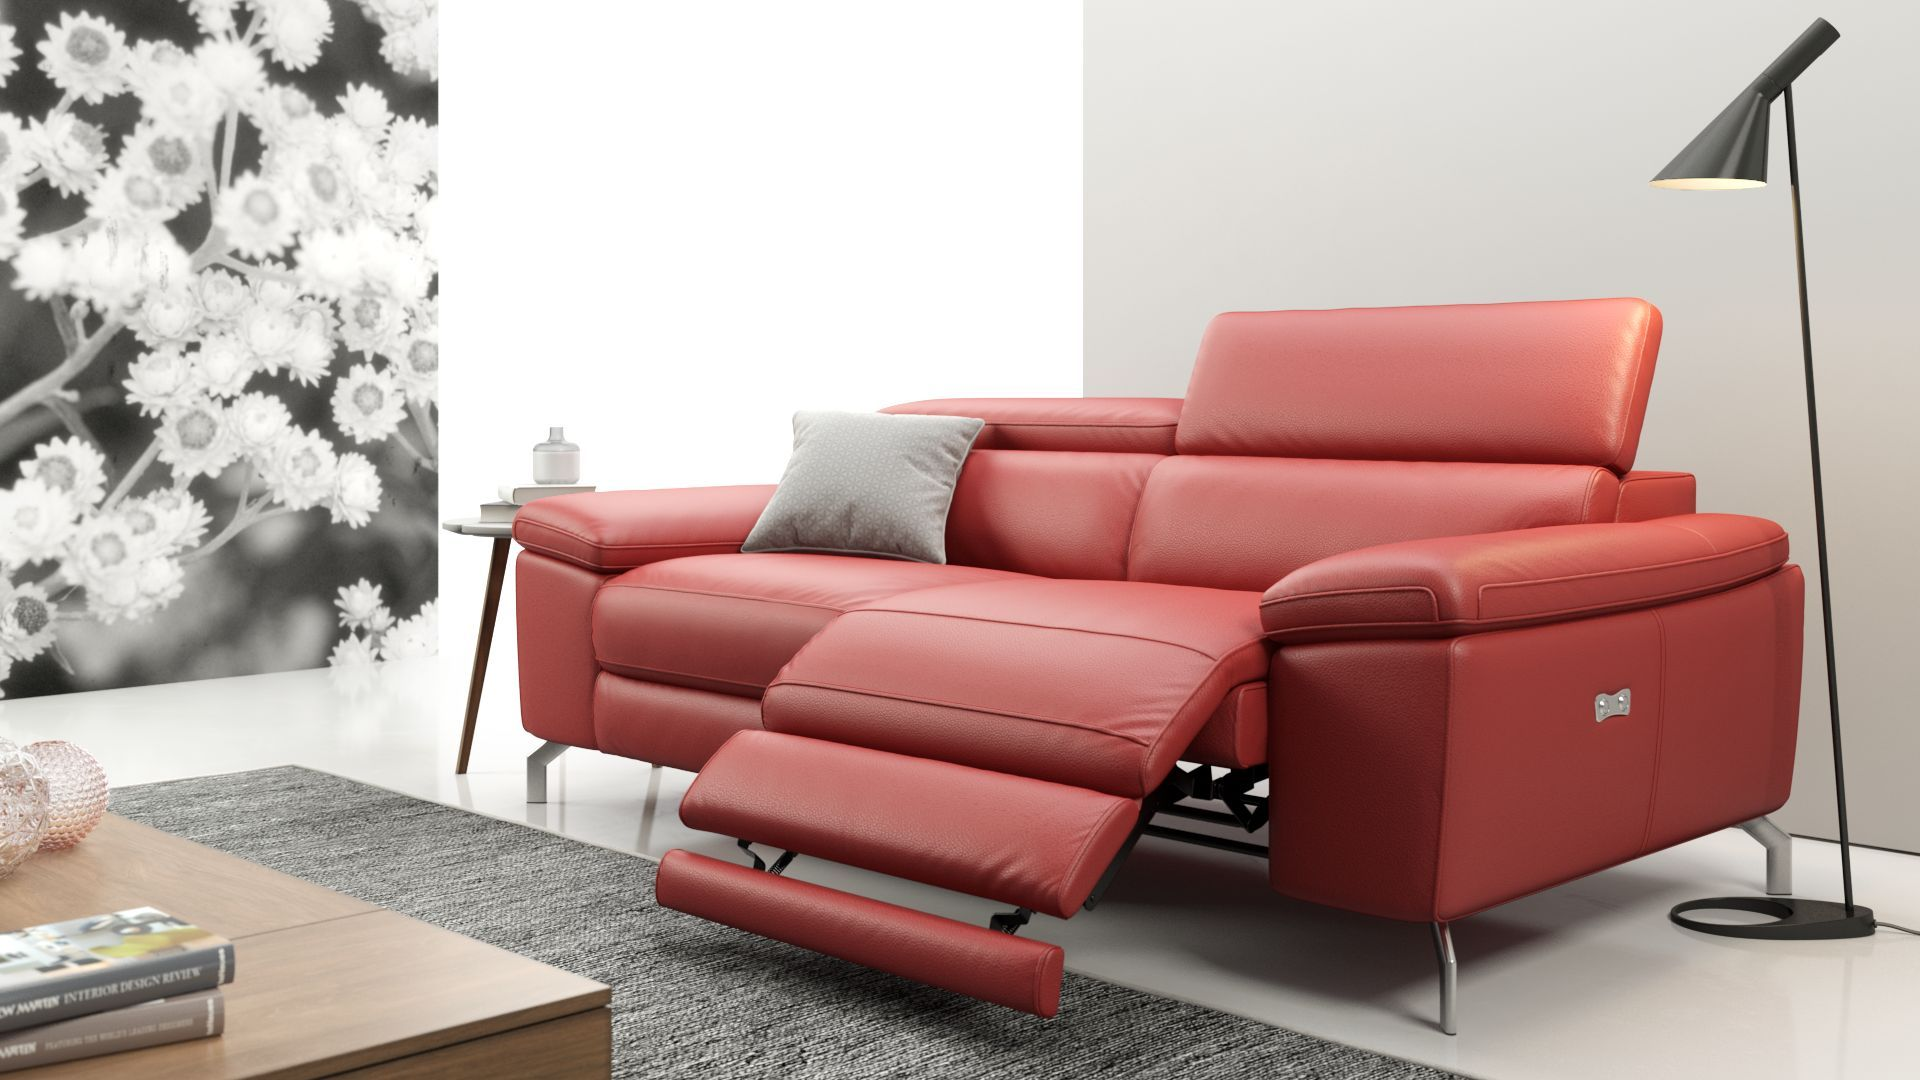 Sofa Mit Relaxfunktion 3 Sitzer 1540 Couchesandsofas Couchesundsofas Couchesunder300